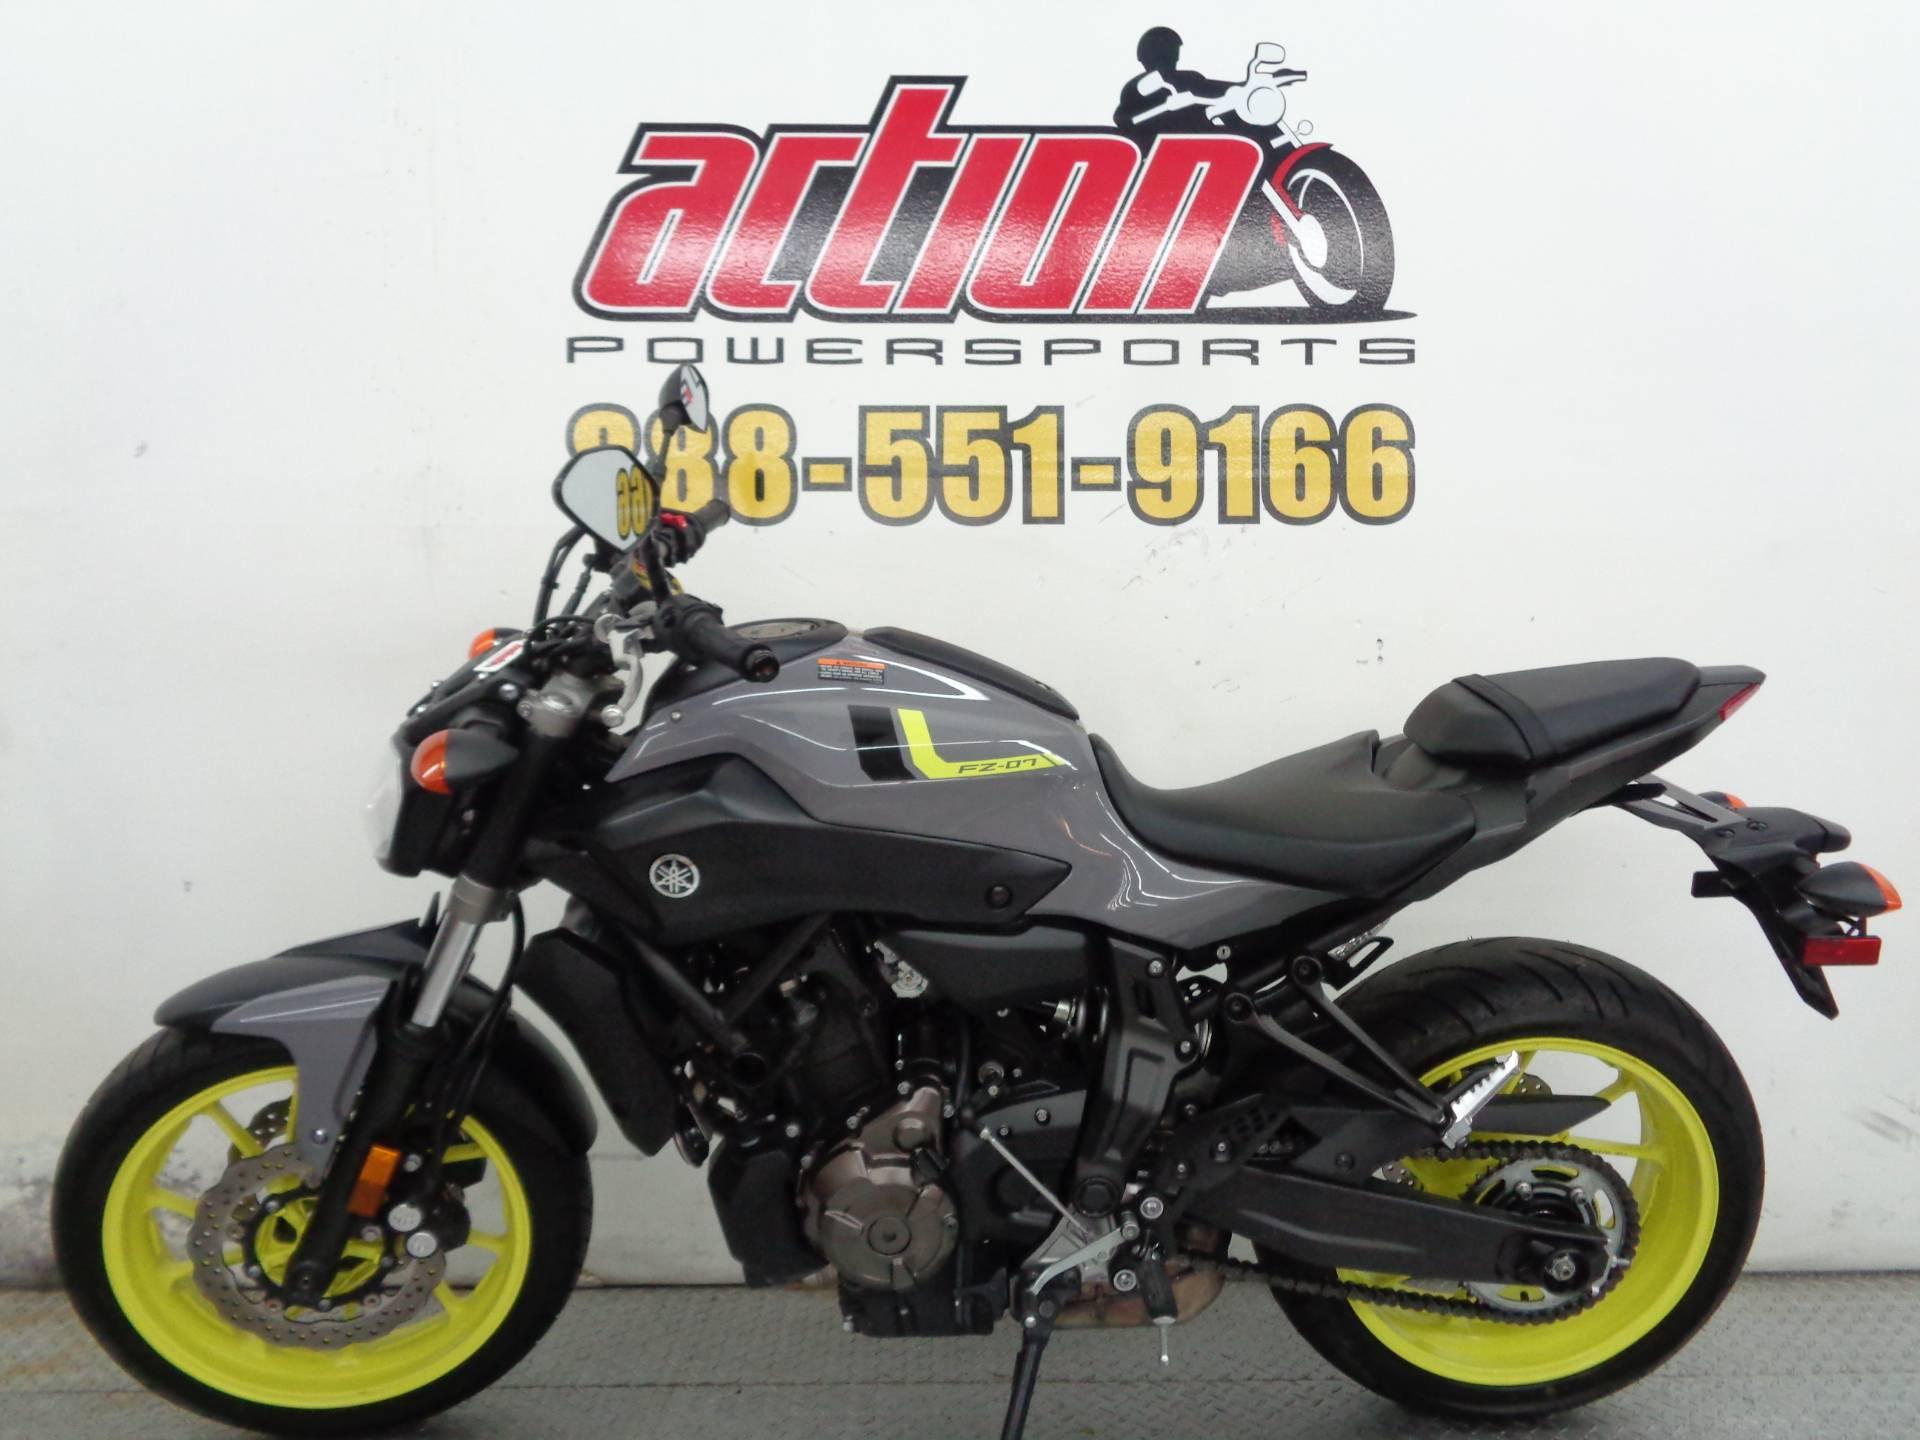 2016 Yamaha FZ-07 2